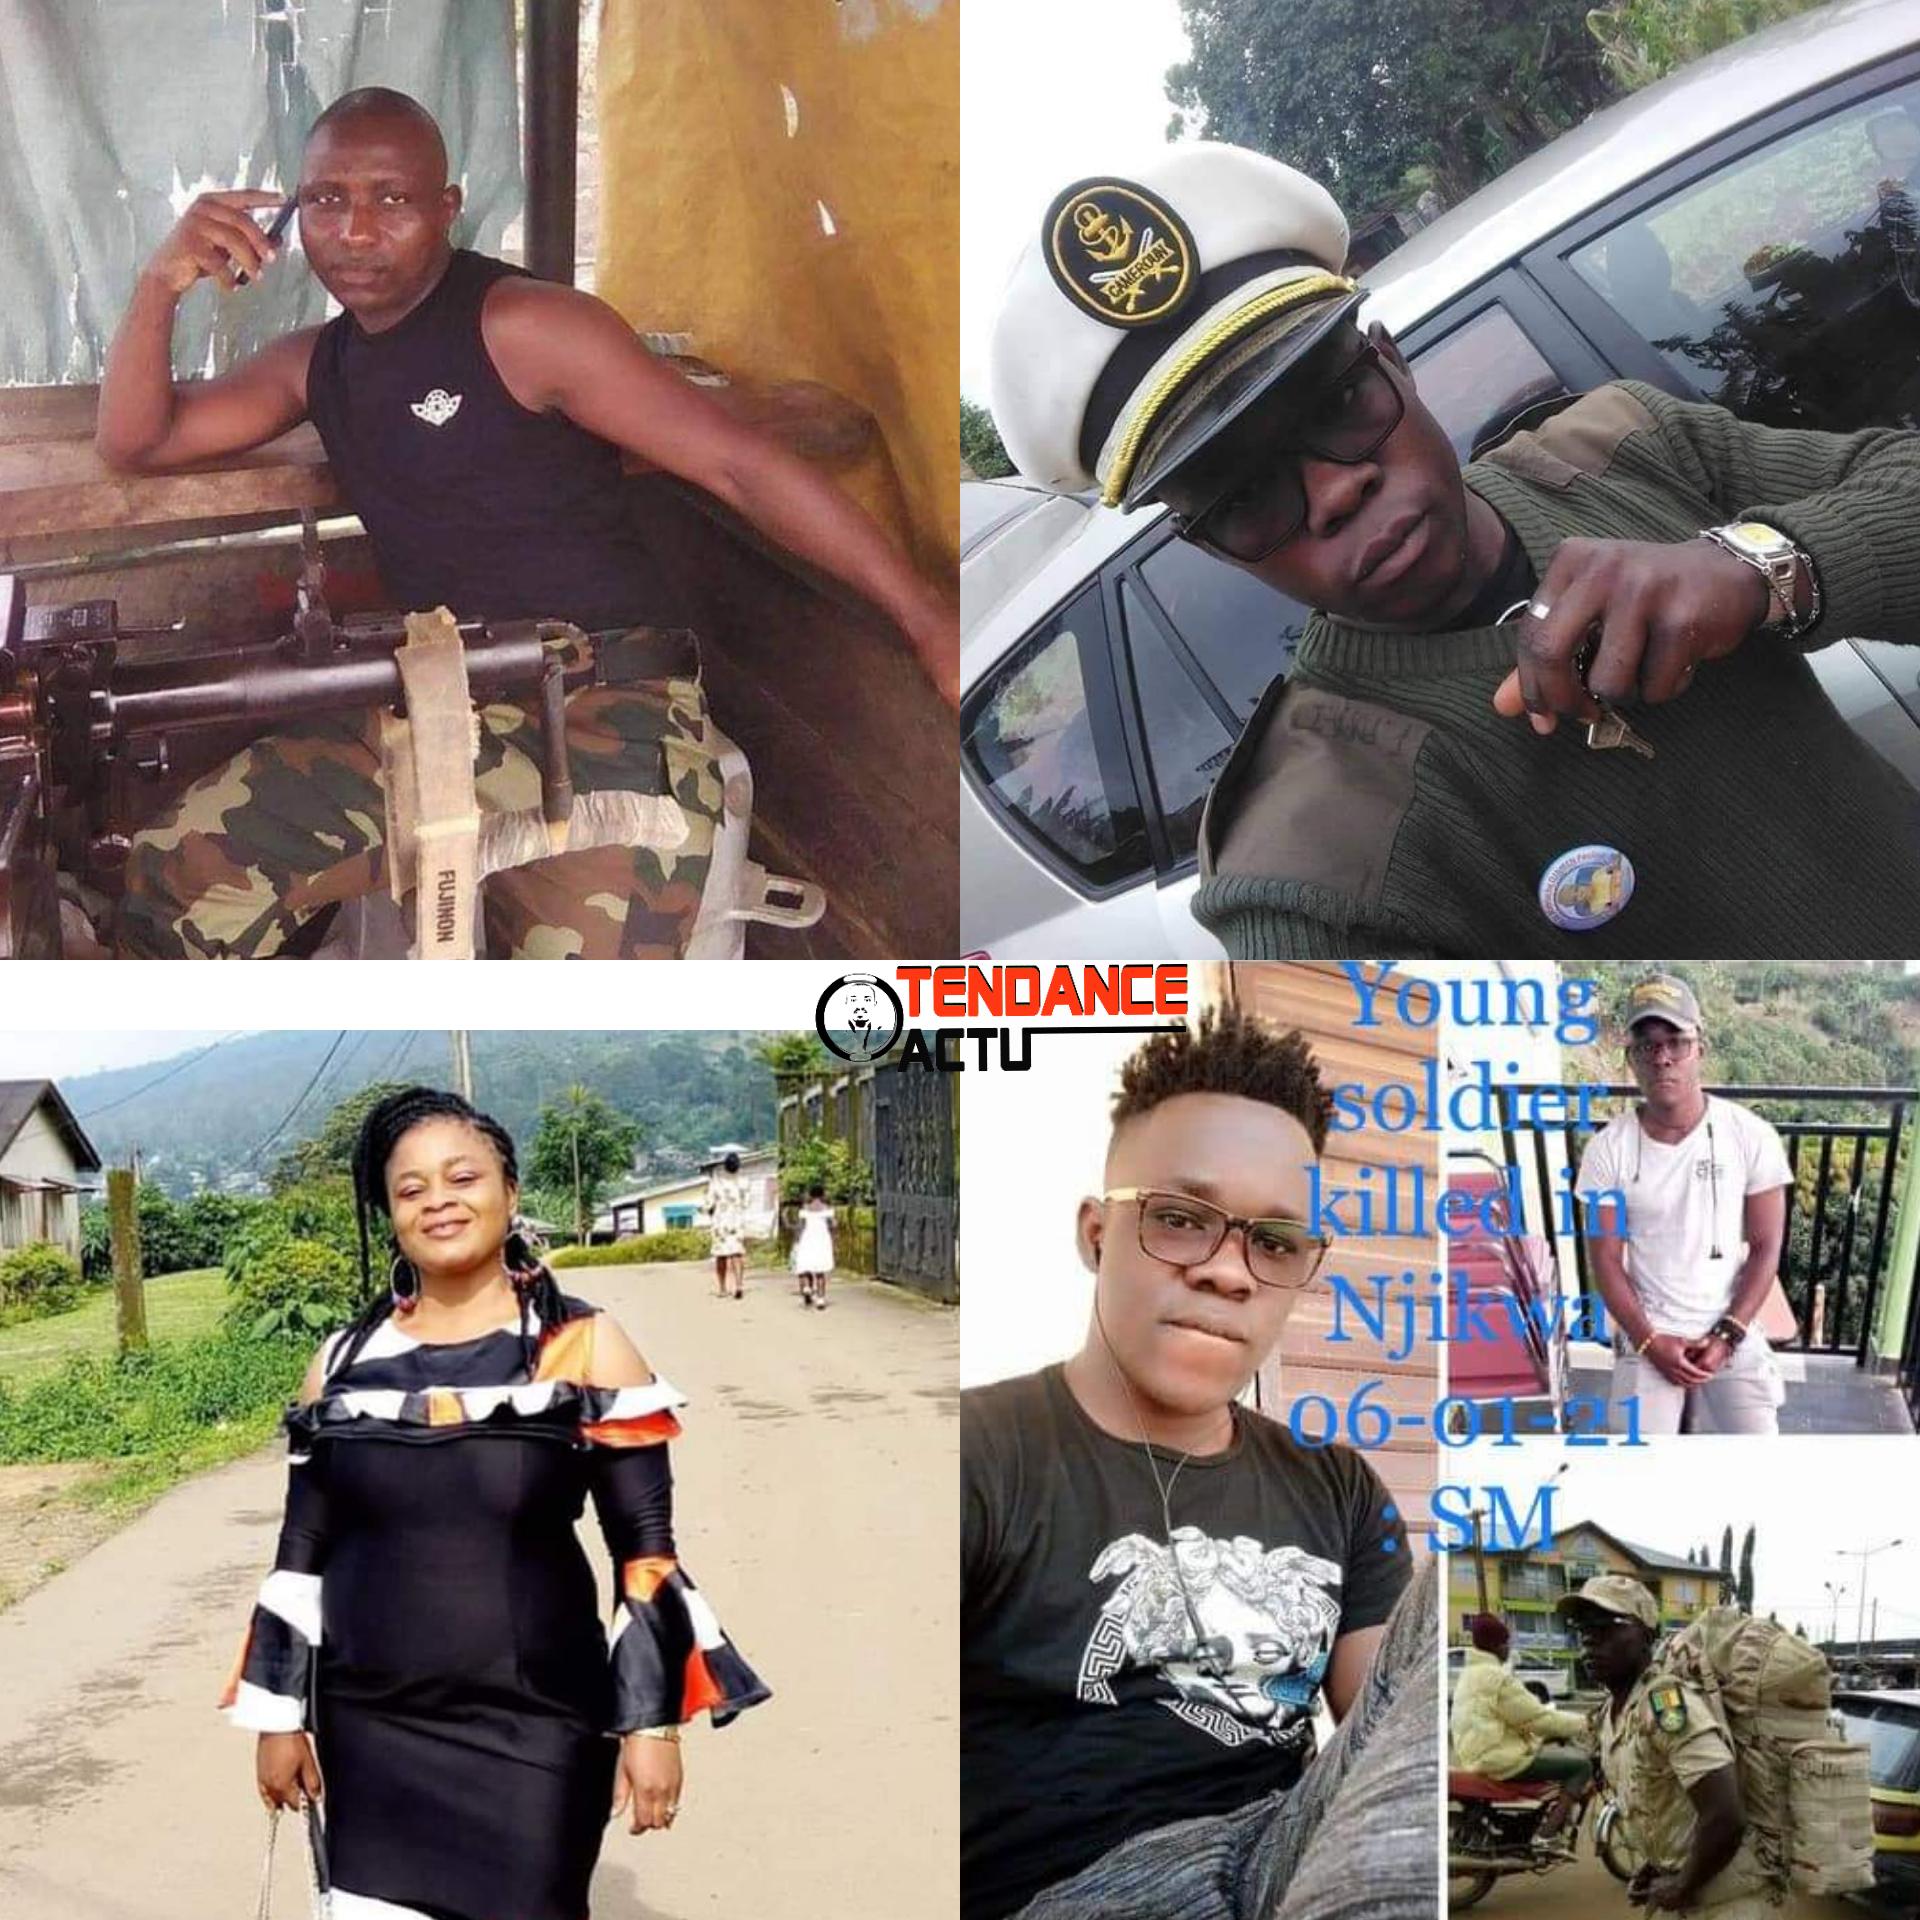 Crise dans le NOSO Cameroun: une bombe fait des morts et des blessés graves